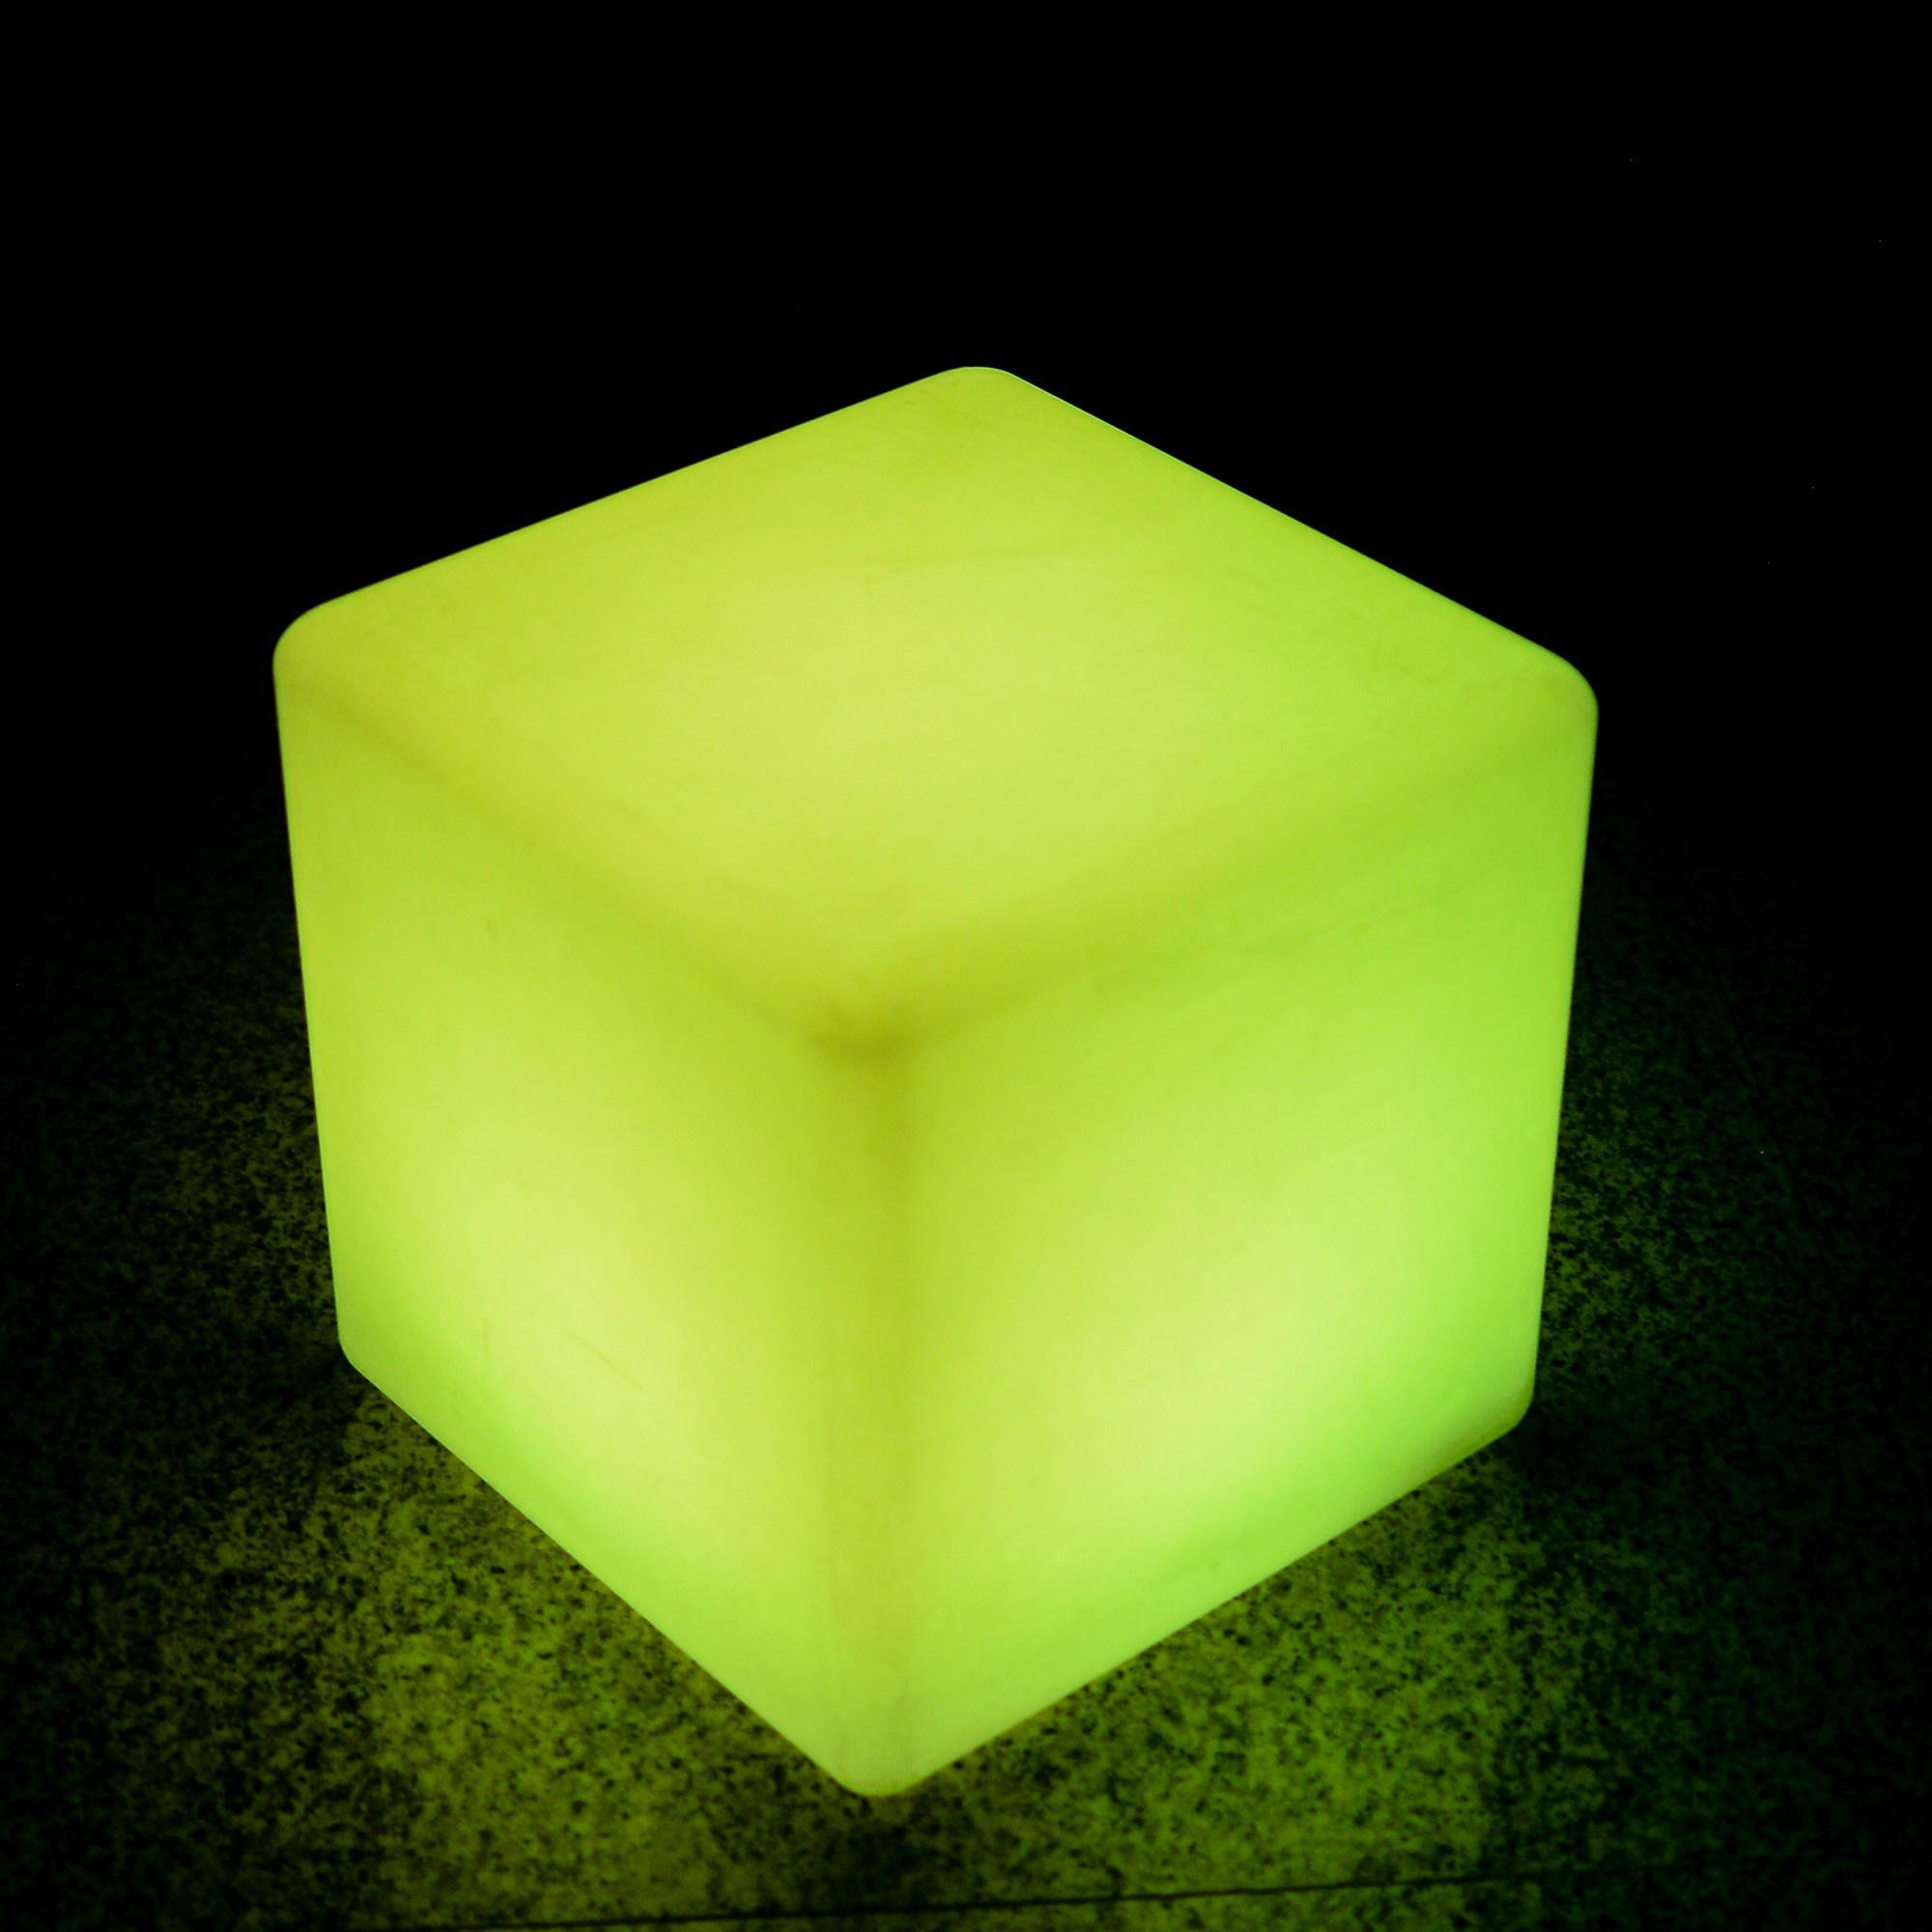 aluguel de mobiliário de LED, decoração diferenciada, festa personalizada,